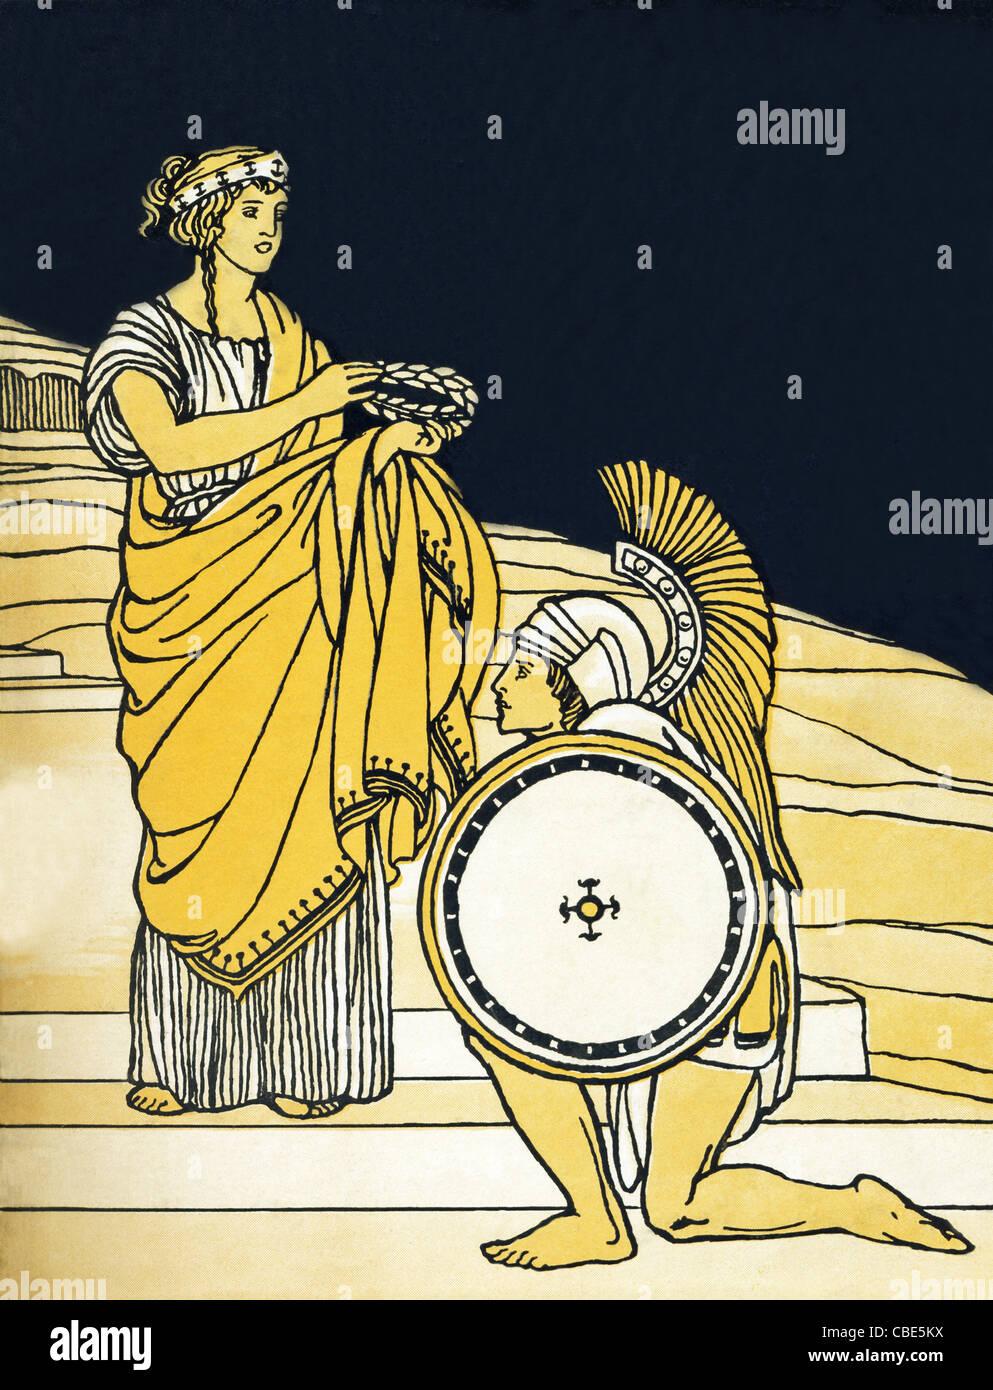 Athene, die griechische Göttin der Weisheit und des Krieges, zeigt einen tapferen Krieger mit einem Olivenkranz Stockbild